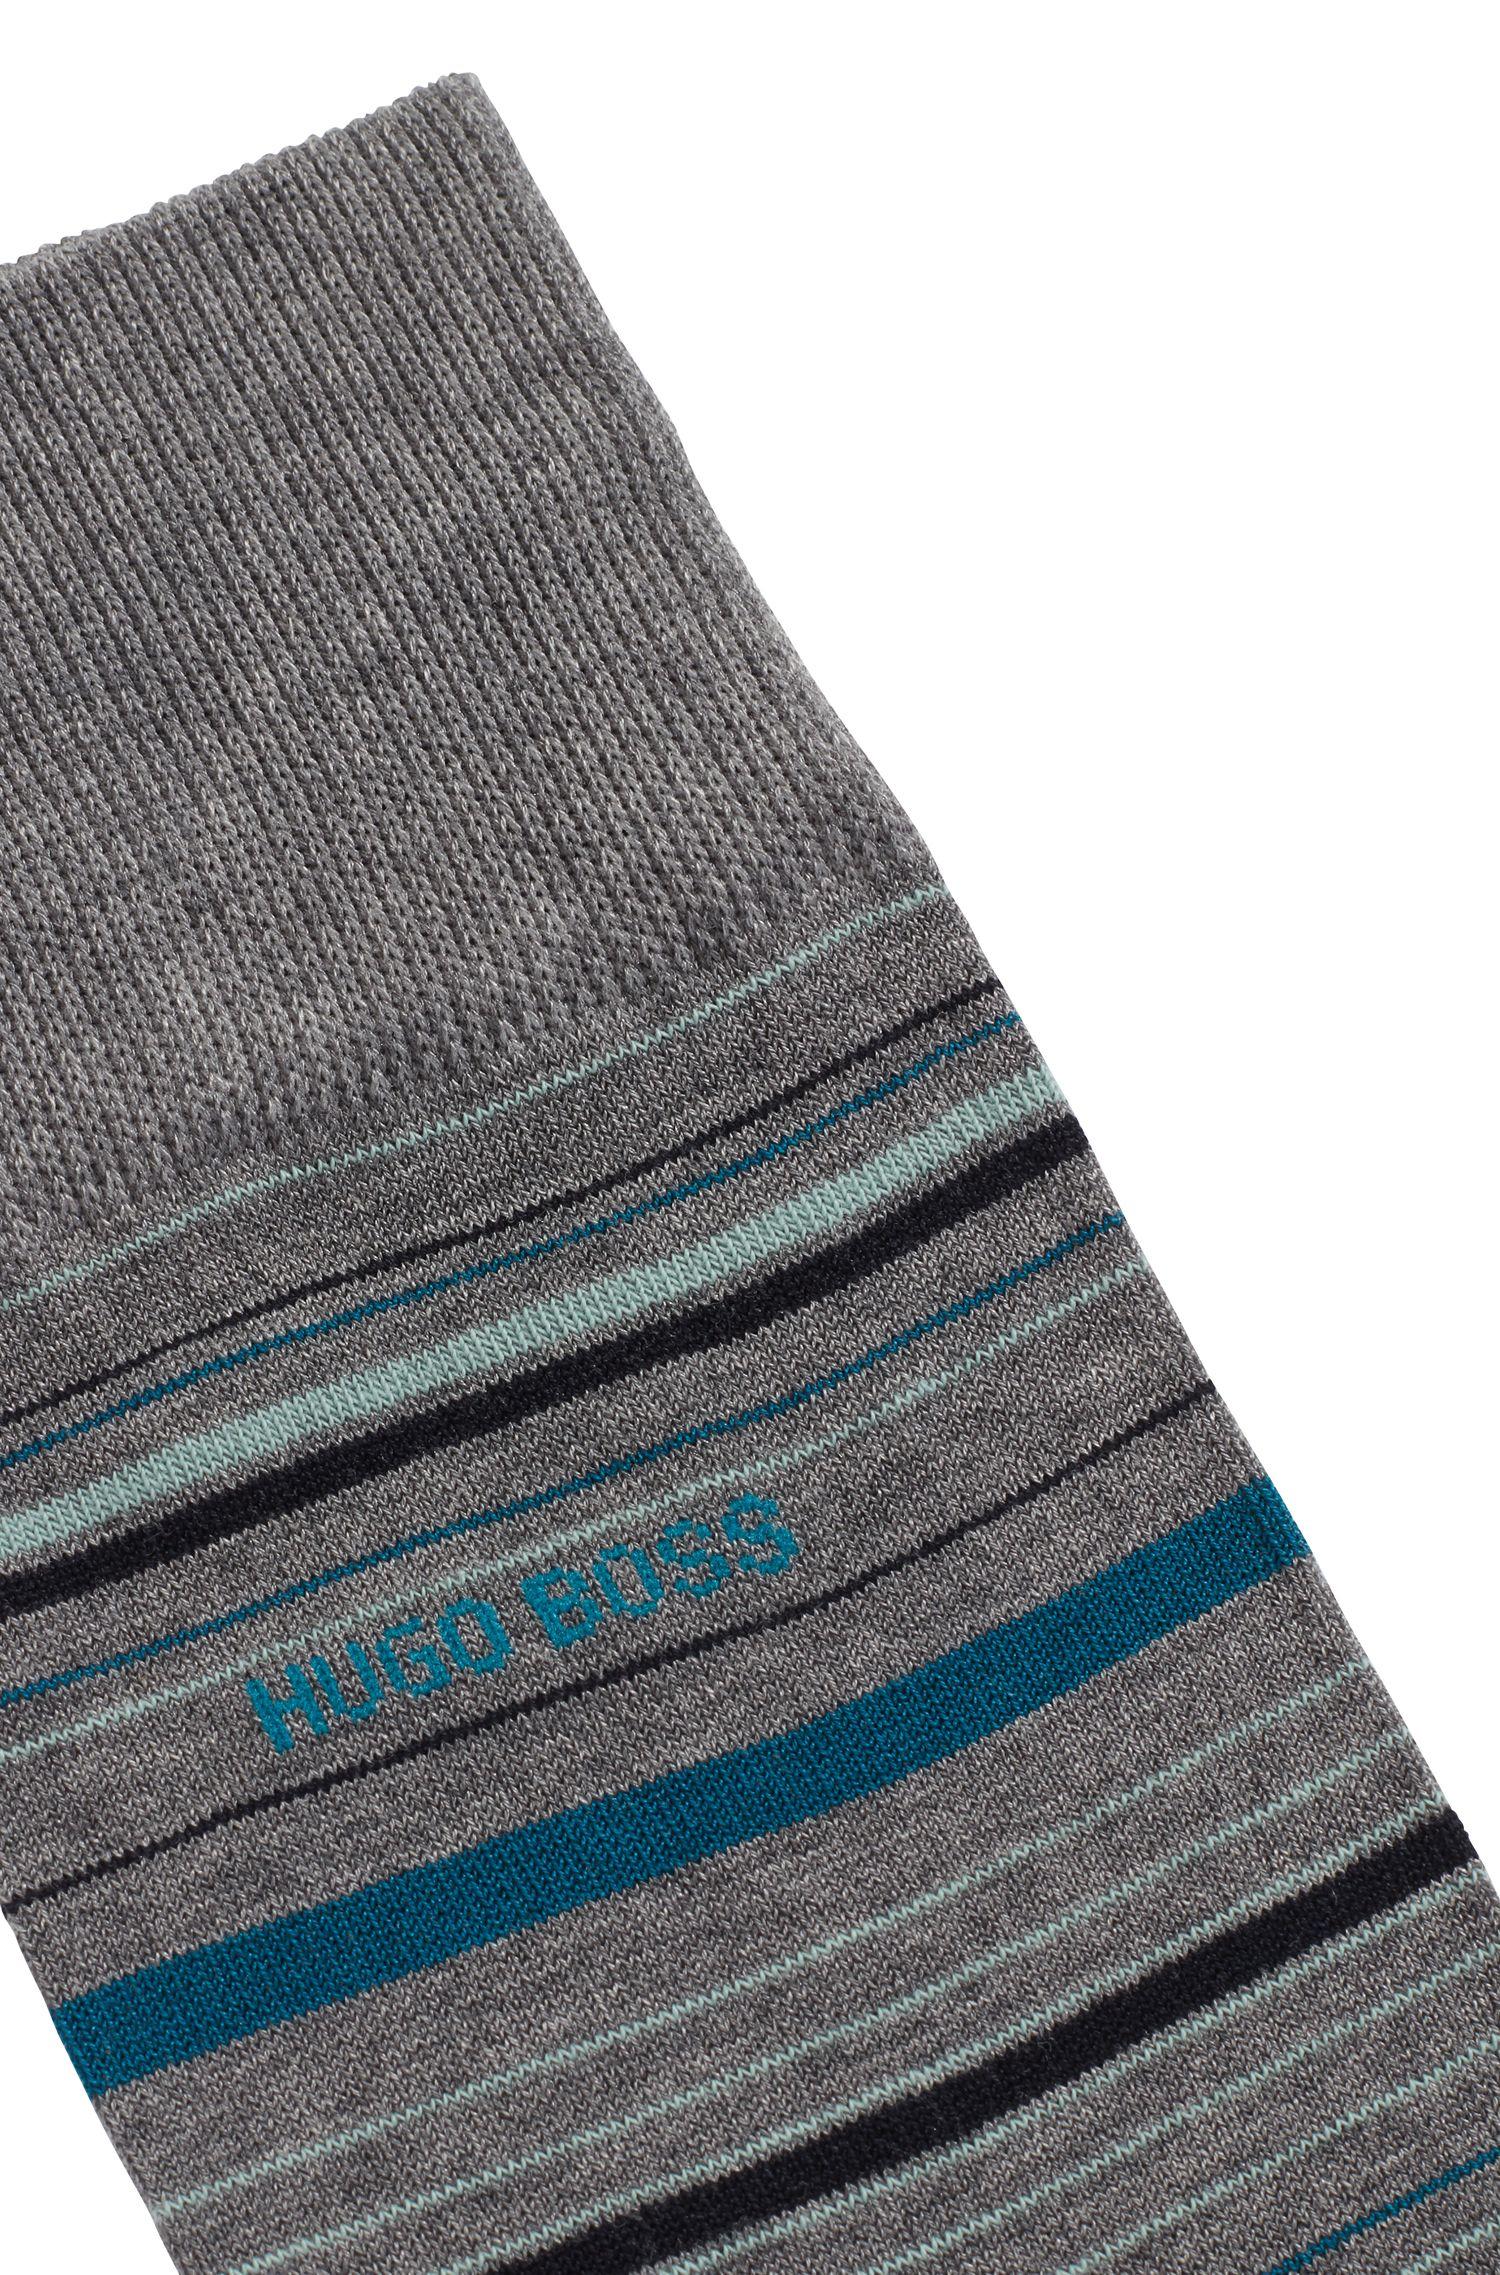 Gestreifte mittelhohe Socken aus merzerisiertem Baumwoll-Mix, Grau